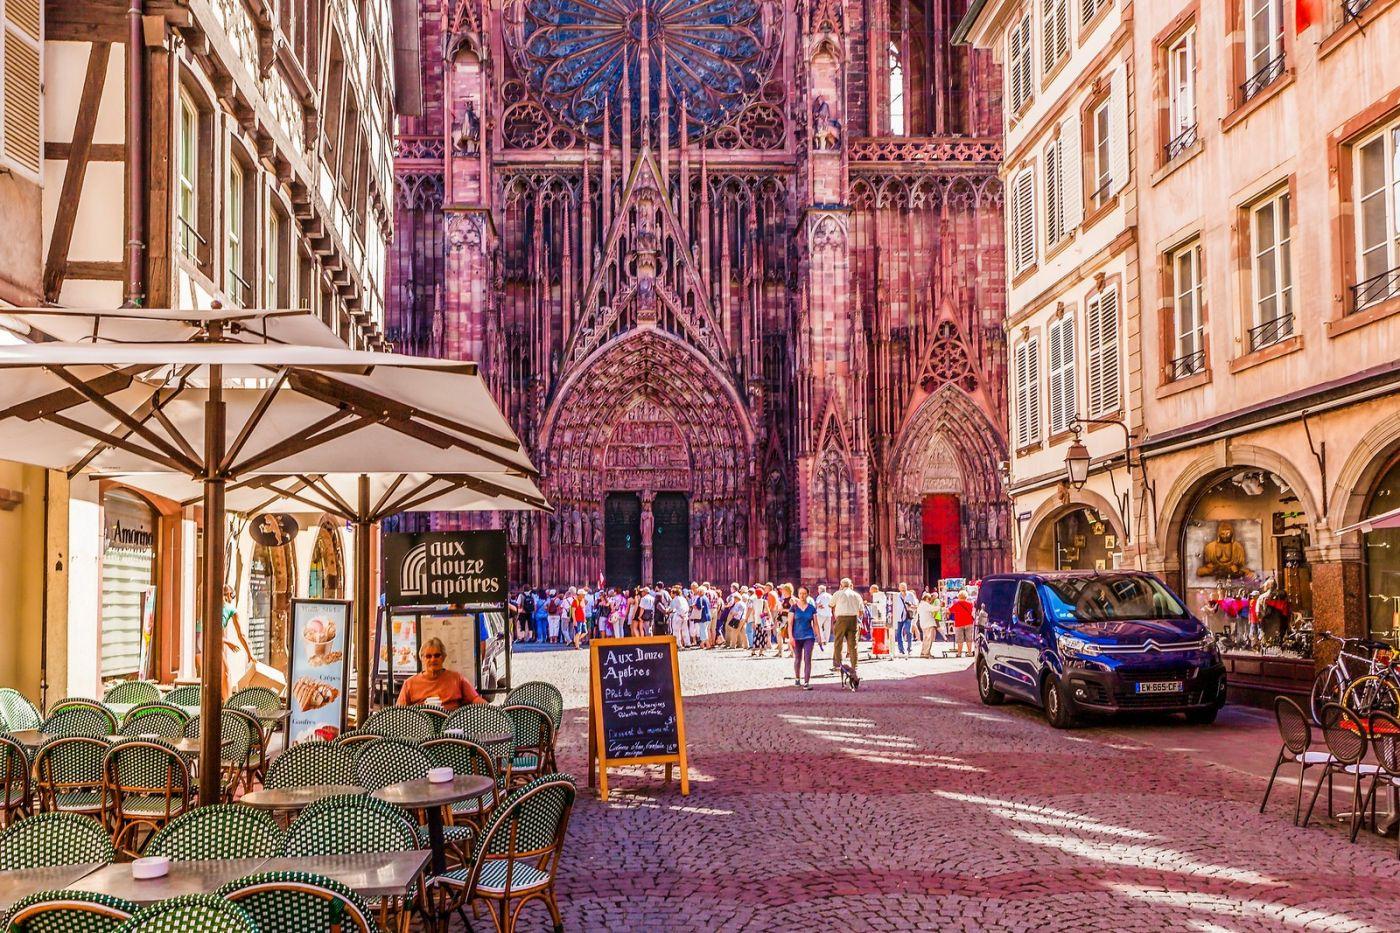 法国斯特拉斯堡(Strasbourg),八百年的主教堂_图1-19